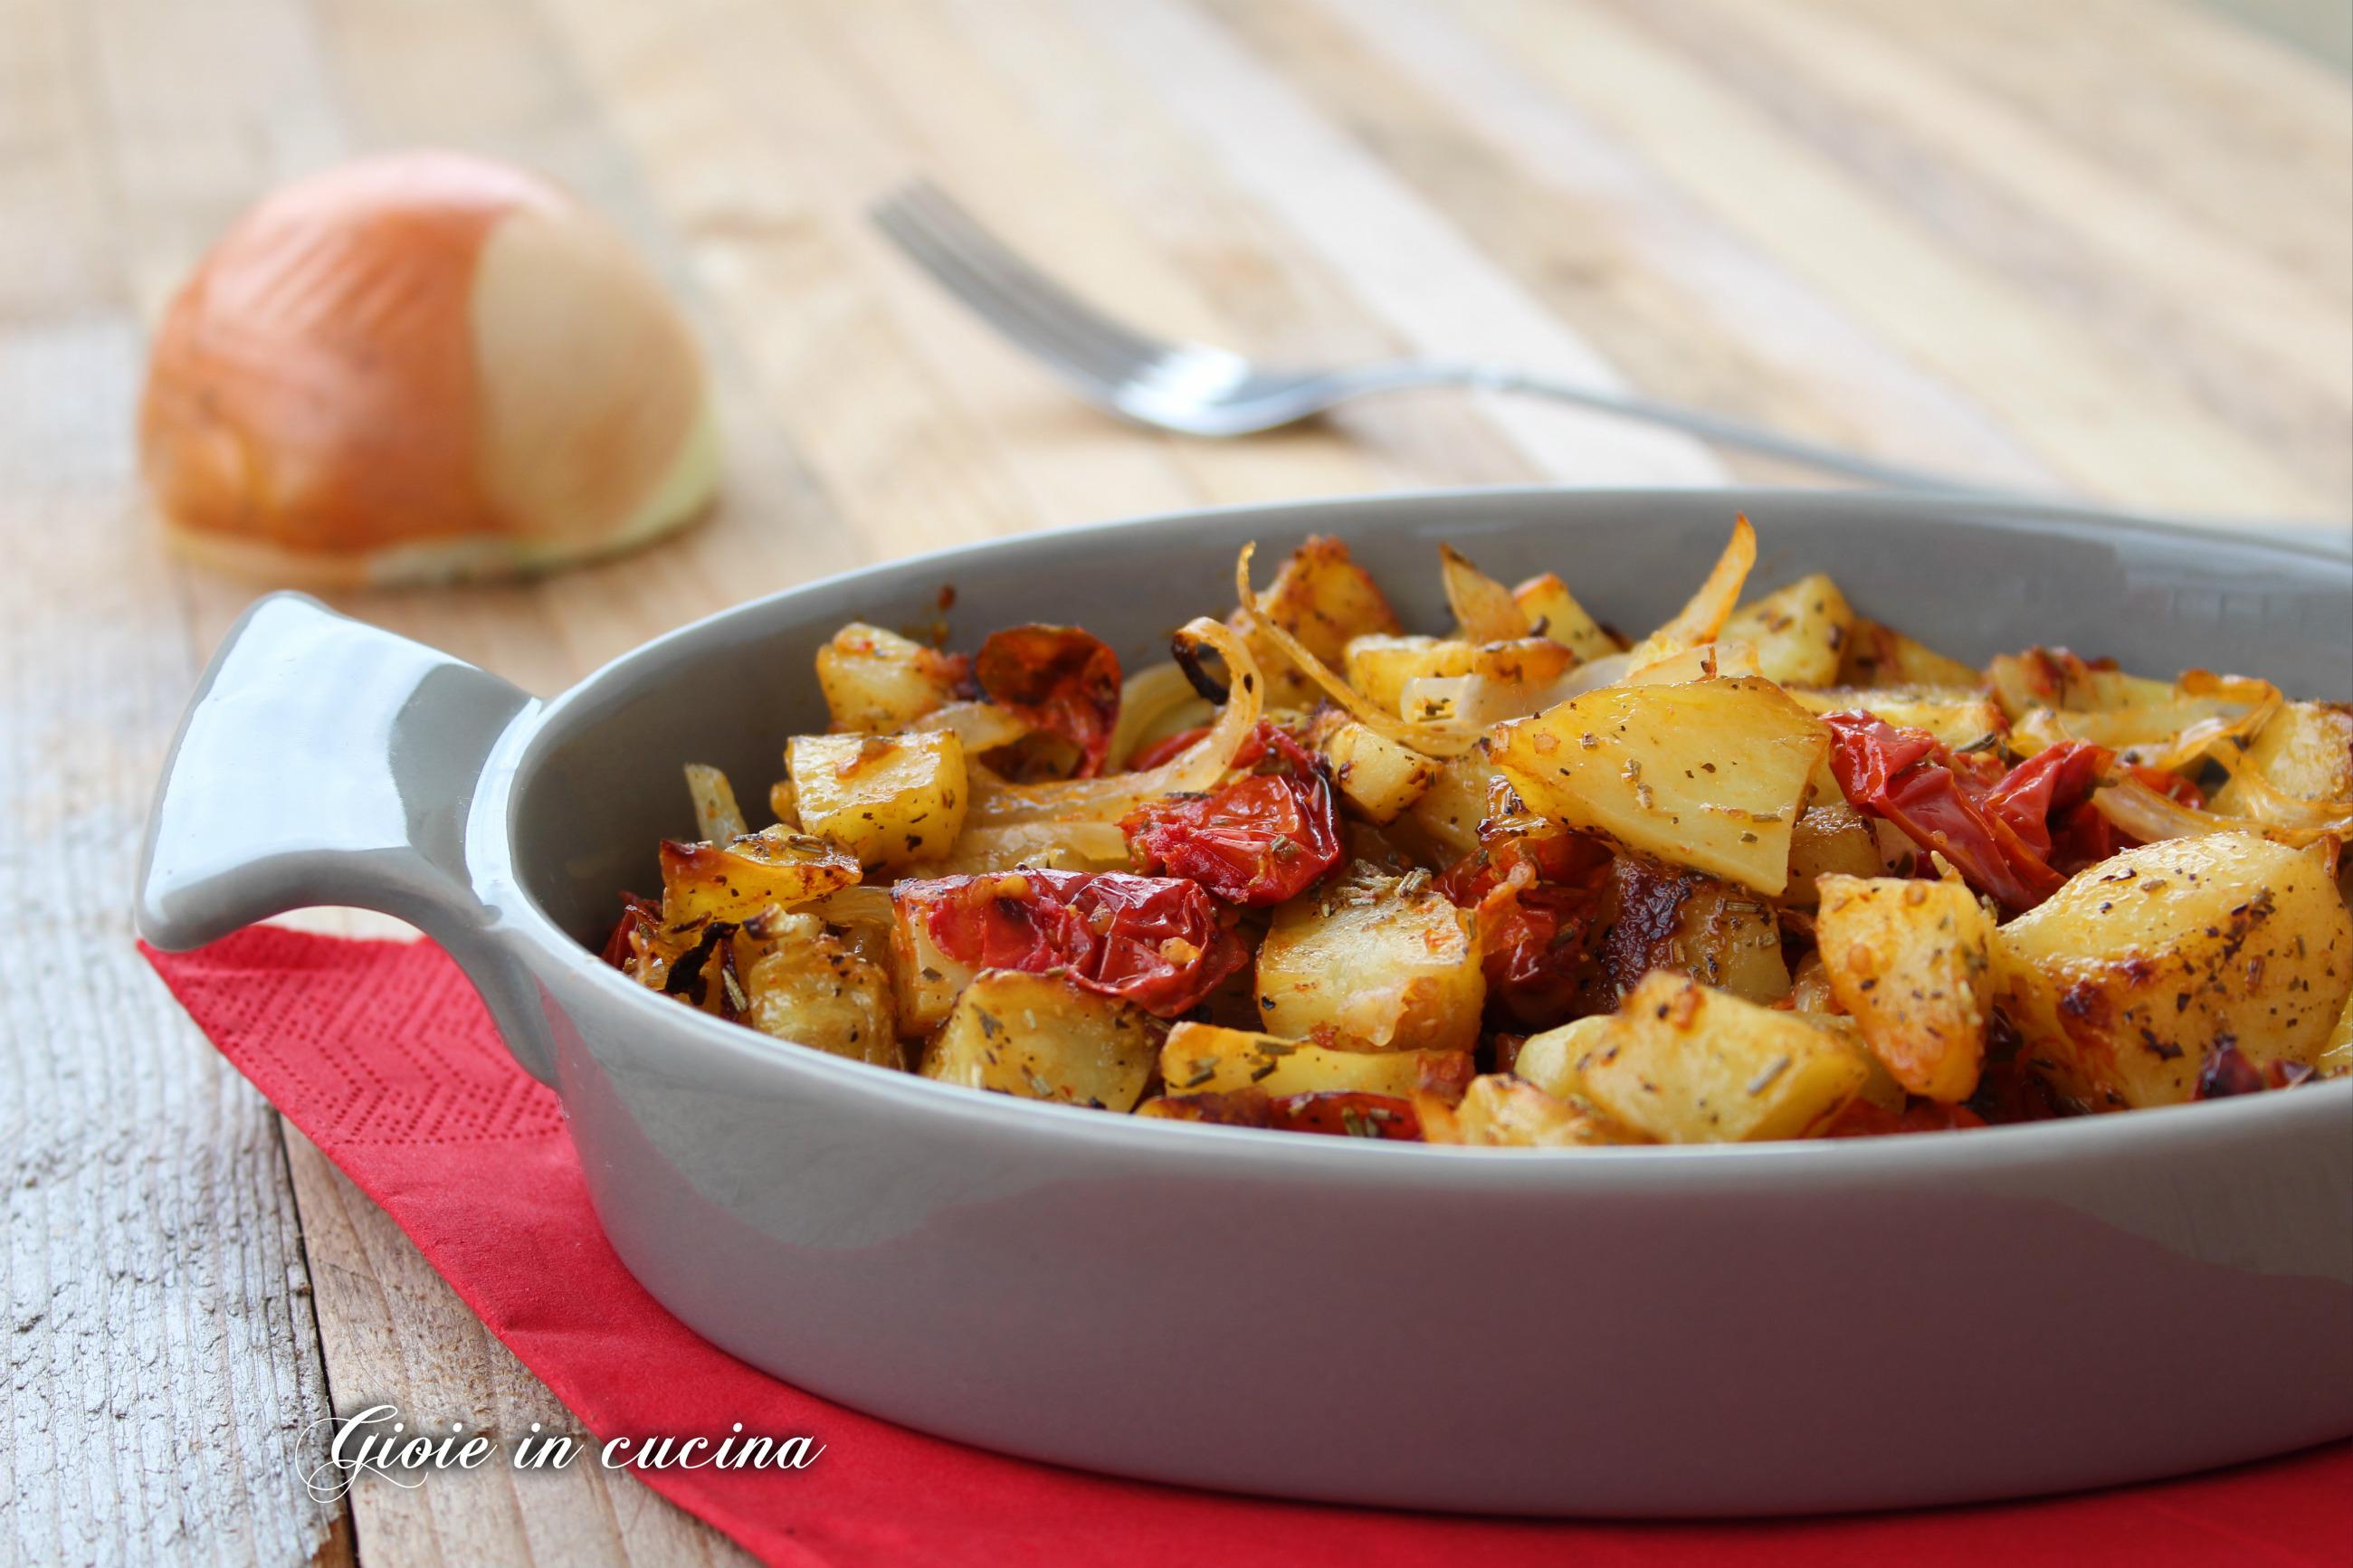 Patate al forno con pomodorini e cipolle gioie in cucina - Forno e microonde insieme ...